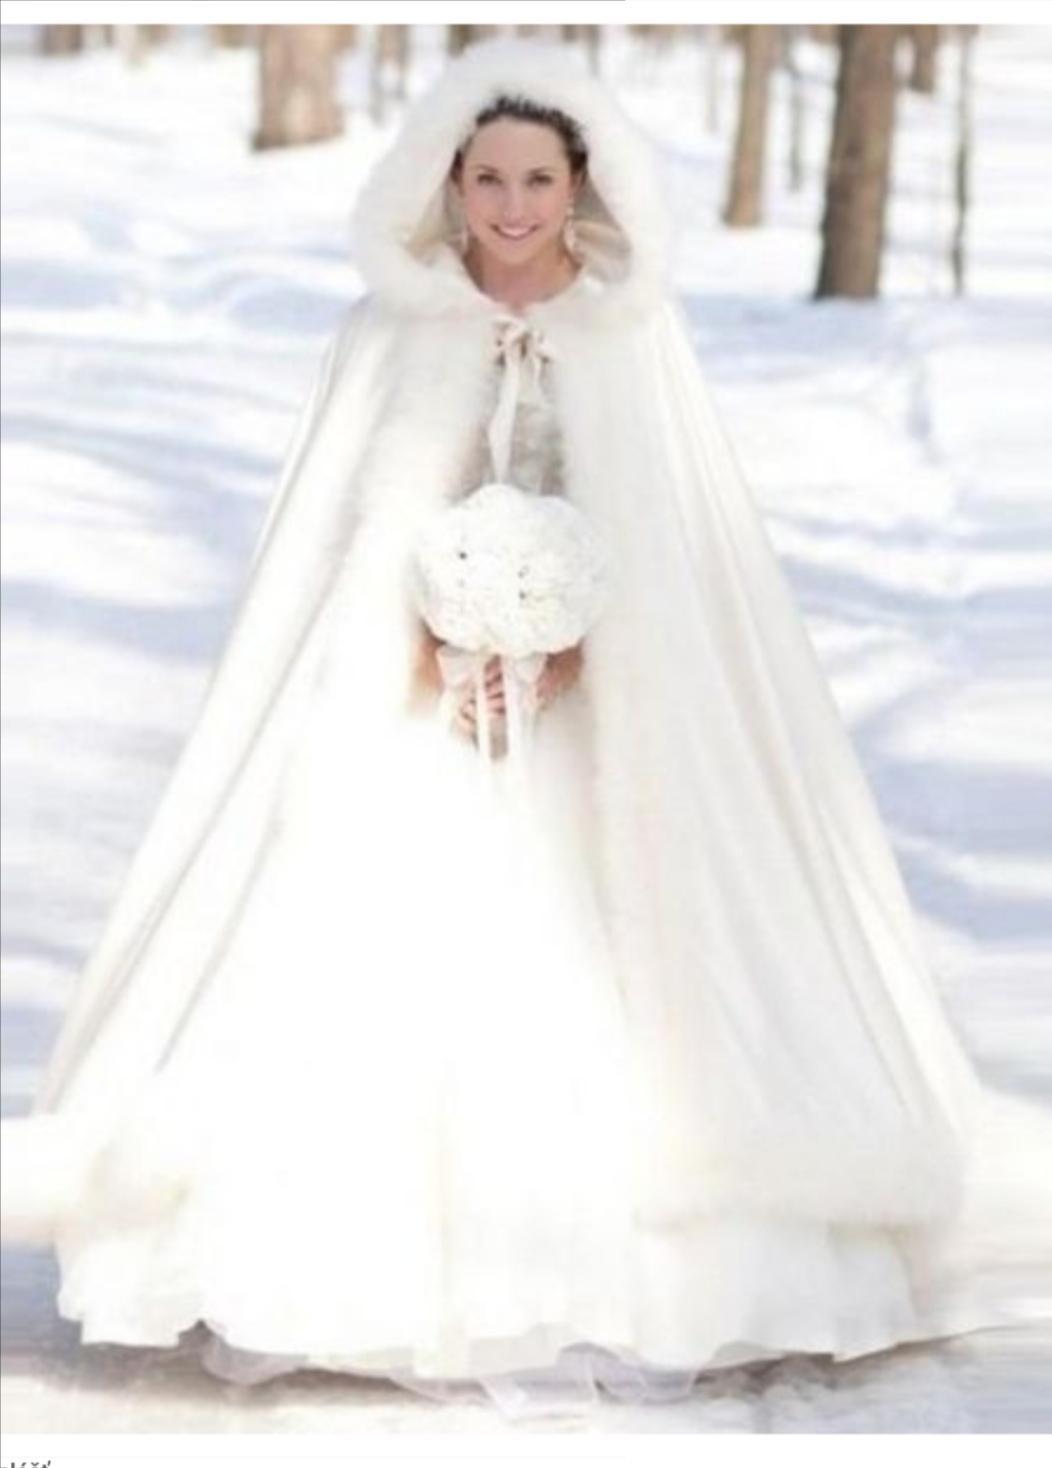 Biely plášť na zimnú svadbu :) - Obrázok č. 1